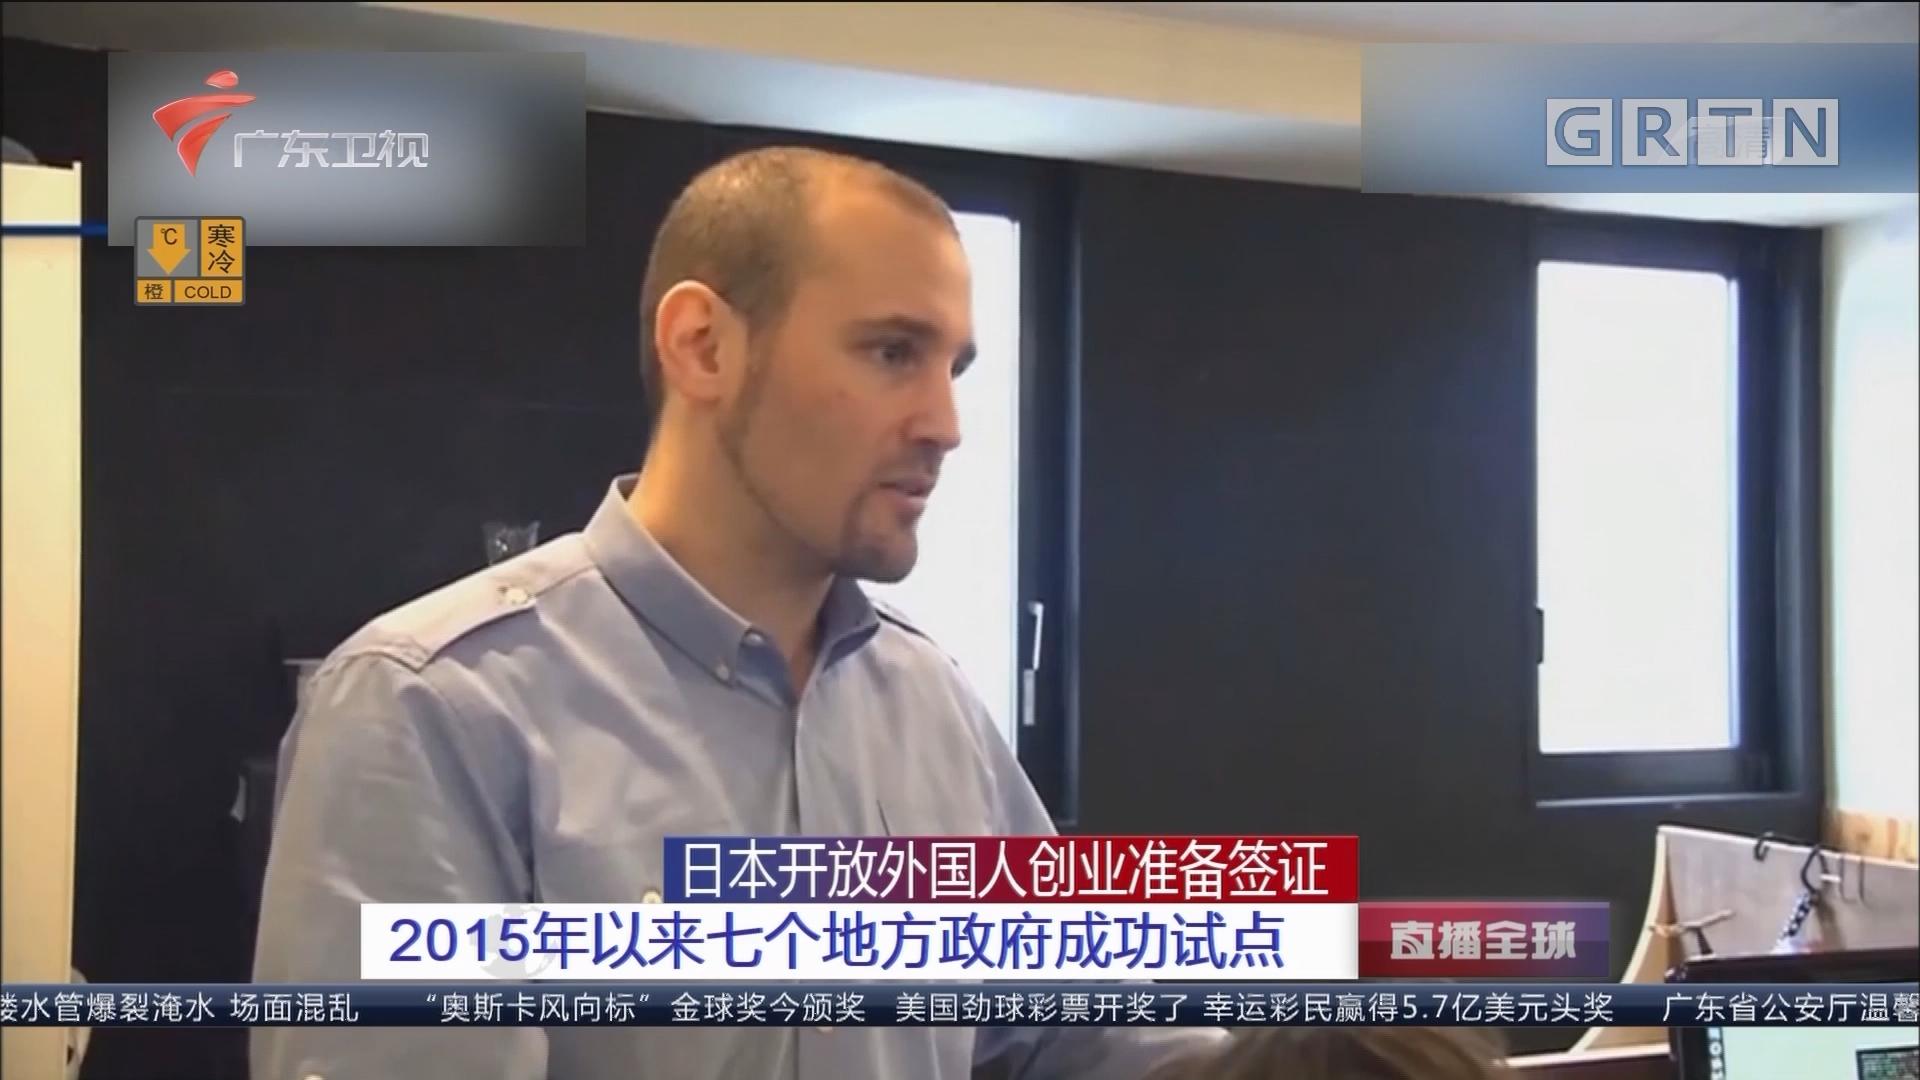 日本开放外国人创业准备签证 2015年以来七个地方政府成功试点